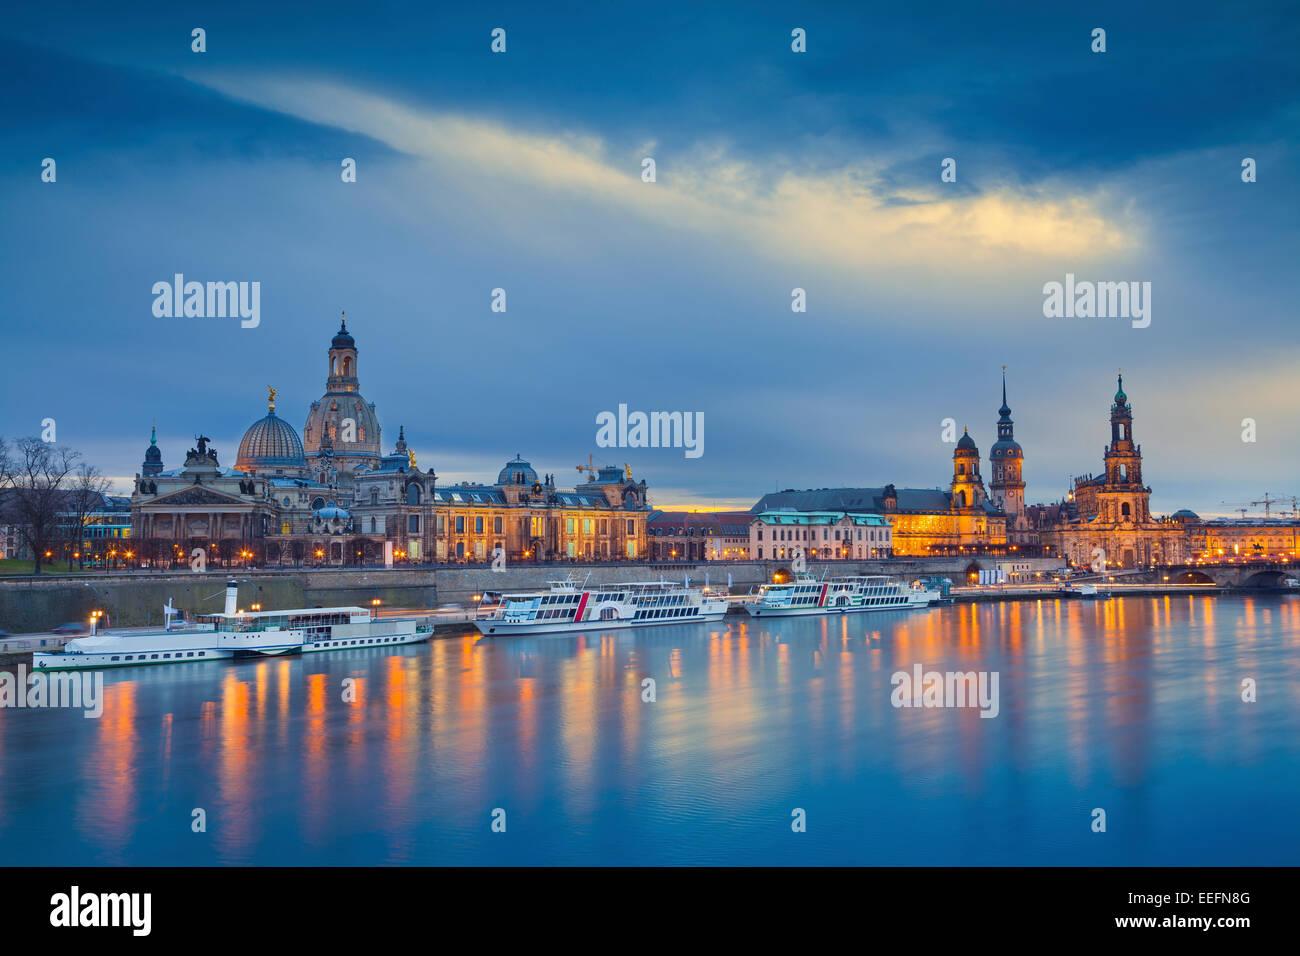 Dresden. Imagen de Dresden, Alemania durante el crepúsculo hora azul con el río Elba en primer plano. Imagen De Stock